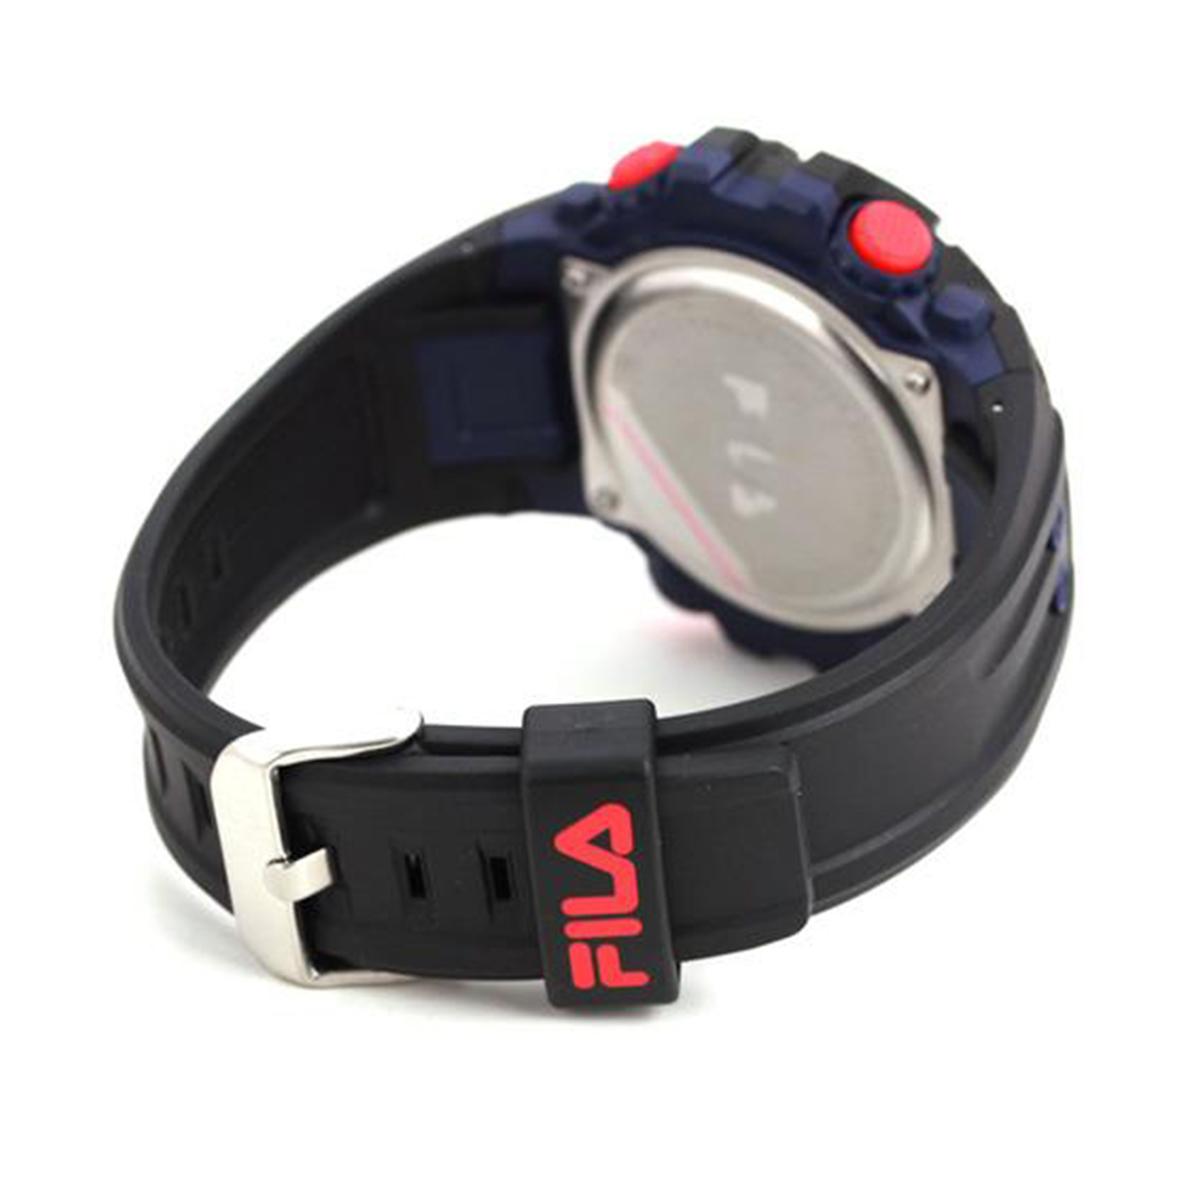 ساعت مچی دیجیتال مردانه فیلا مدل 38-188-003             قیمت